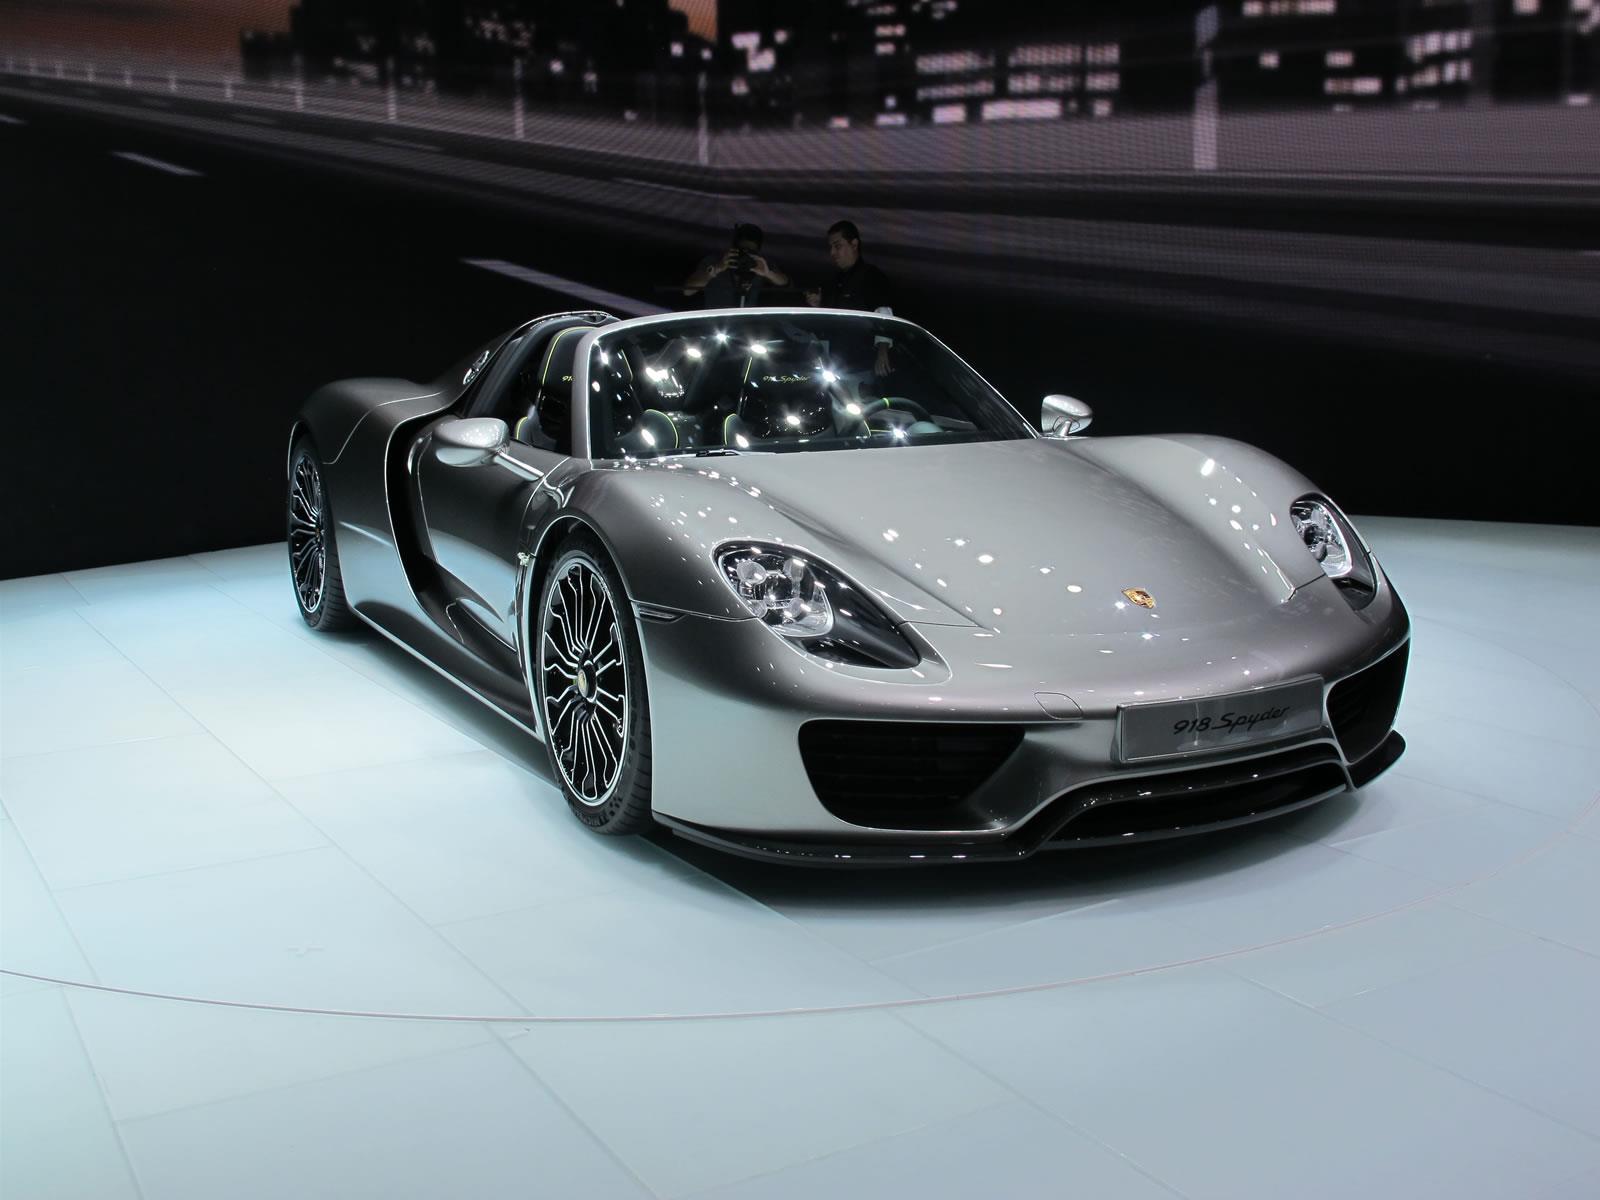 GAZ_88217018e24c47b3be1e2f70aaf4e082 Extraordinary Porsche 918 Spyder Weissach Package Precio Cars Trend